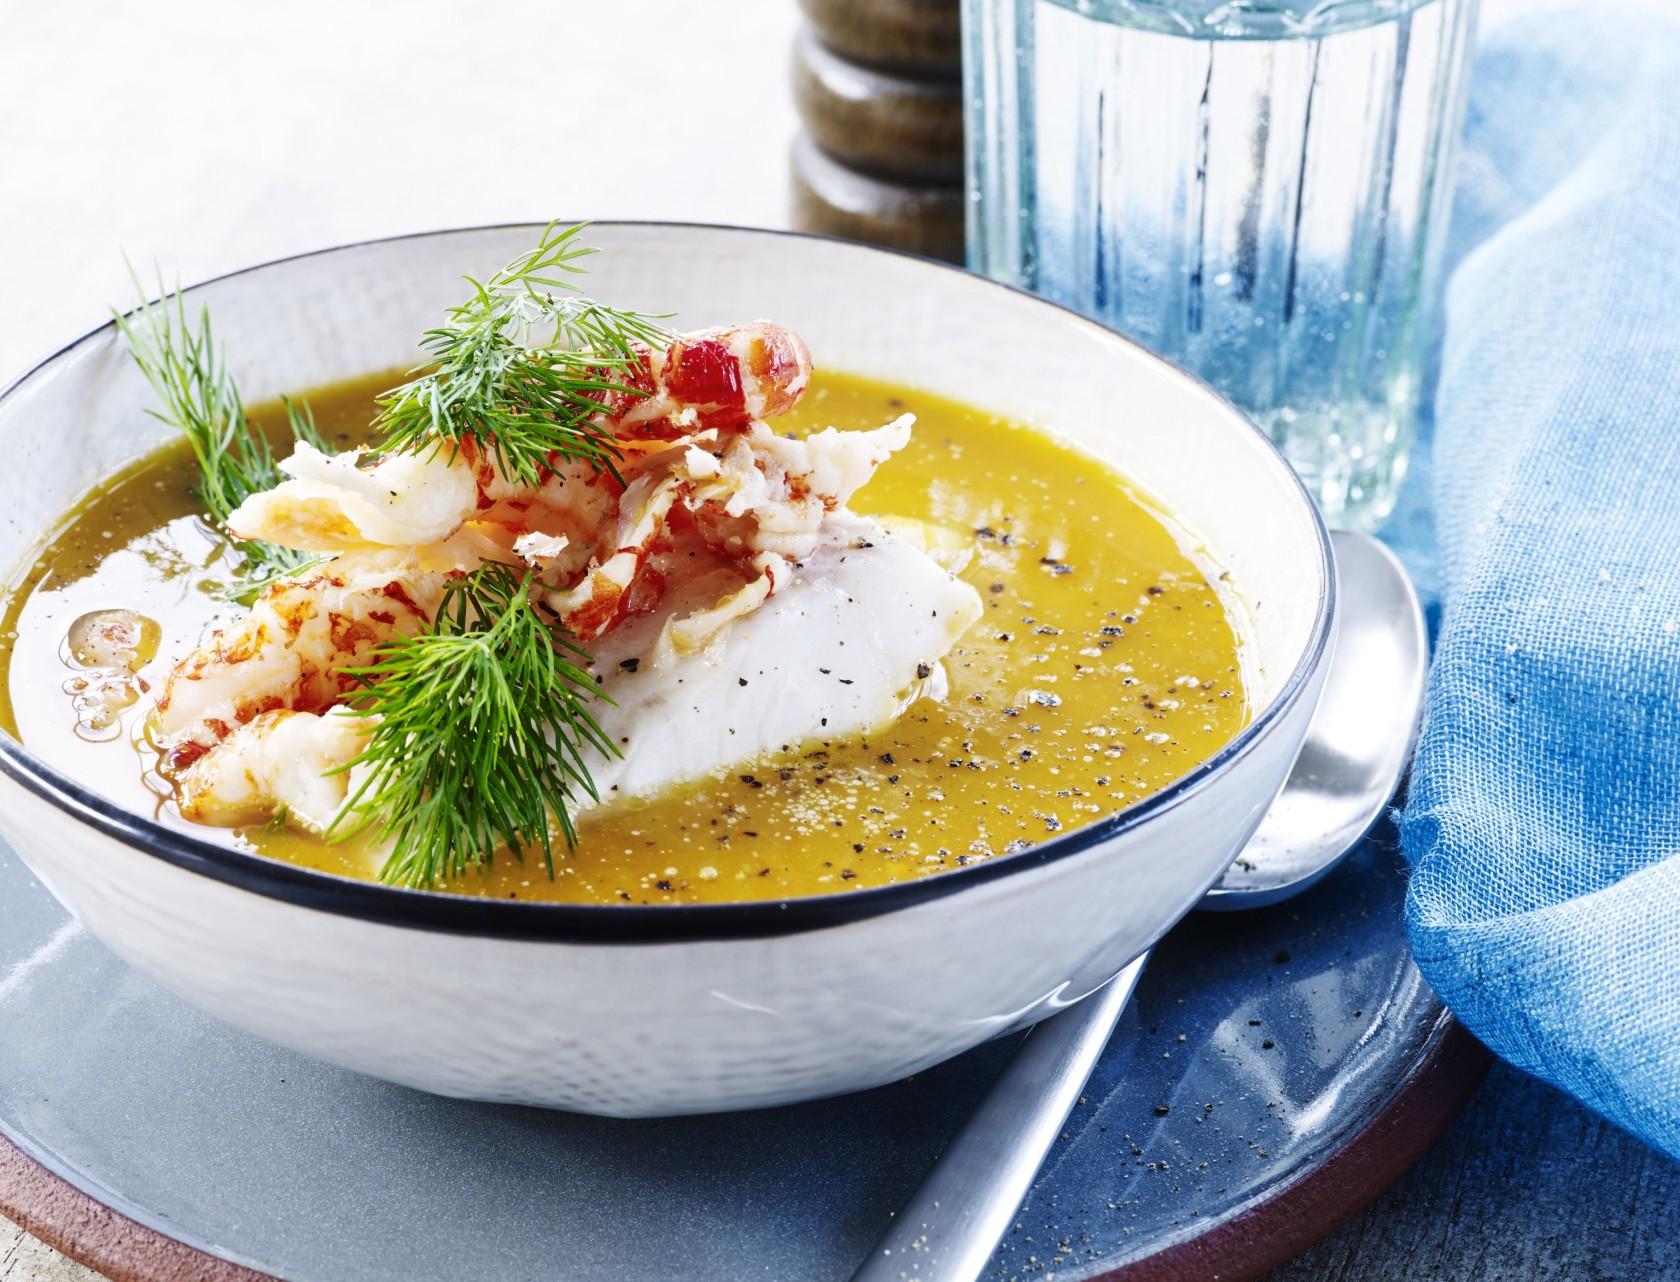 Butternutsquash-suppe med lyssej og krebsehaler - lækker opskrift!